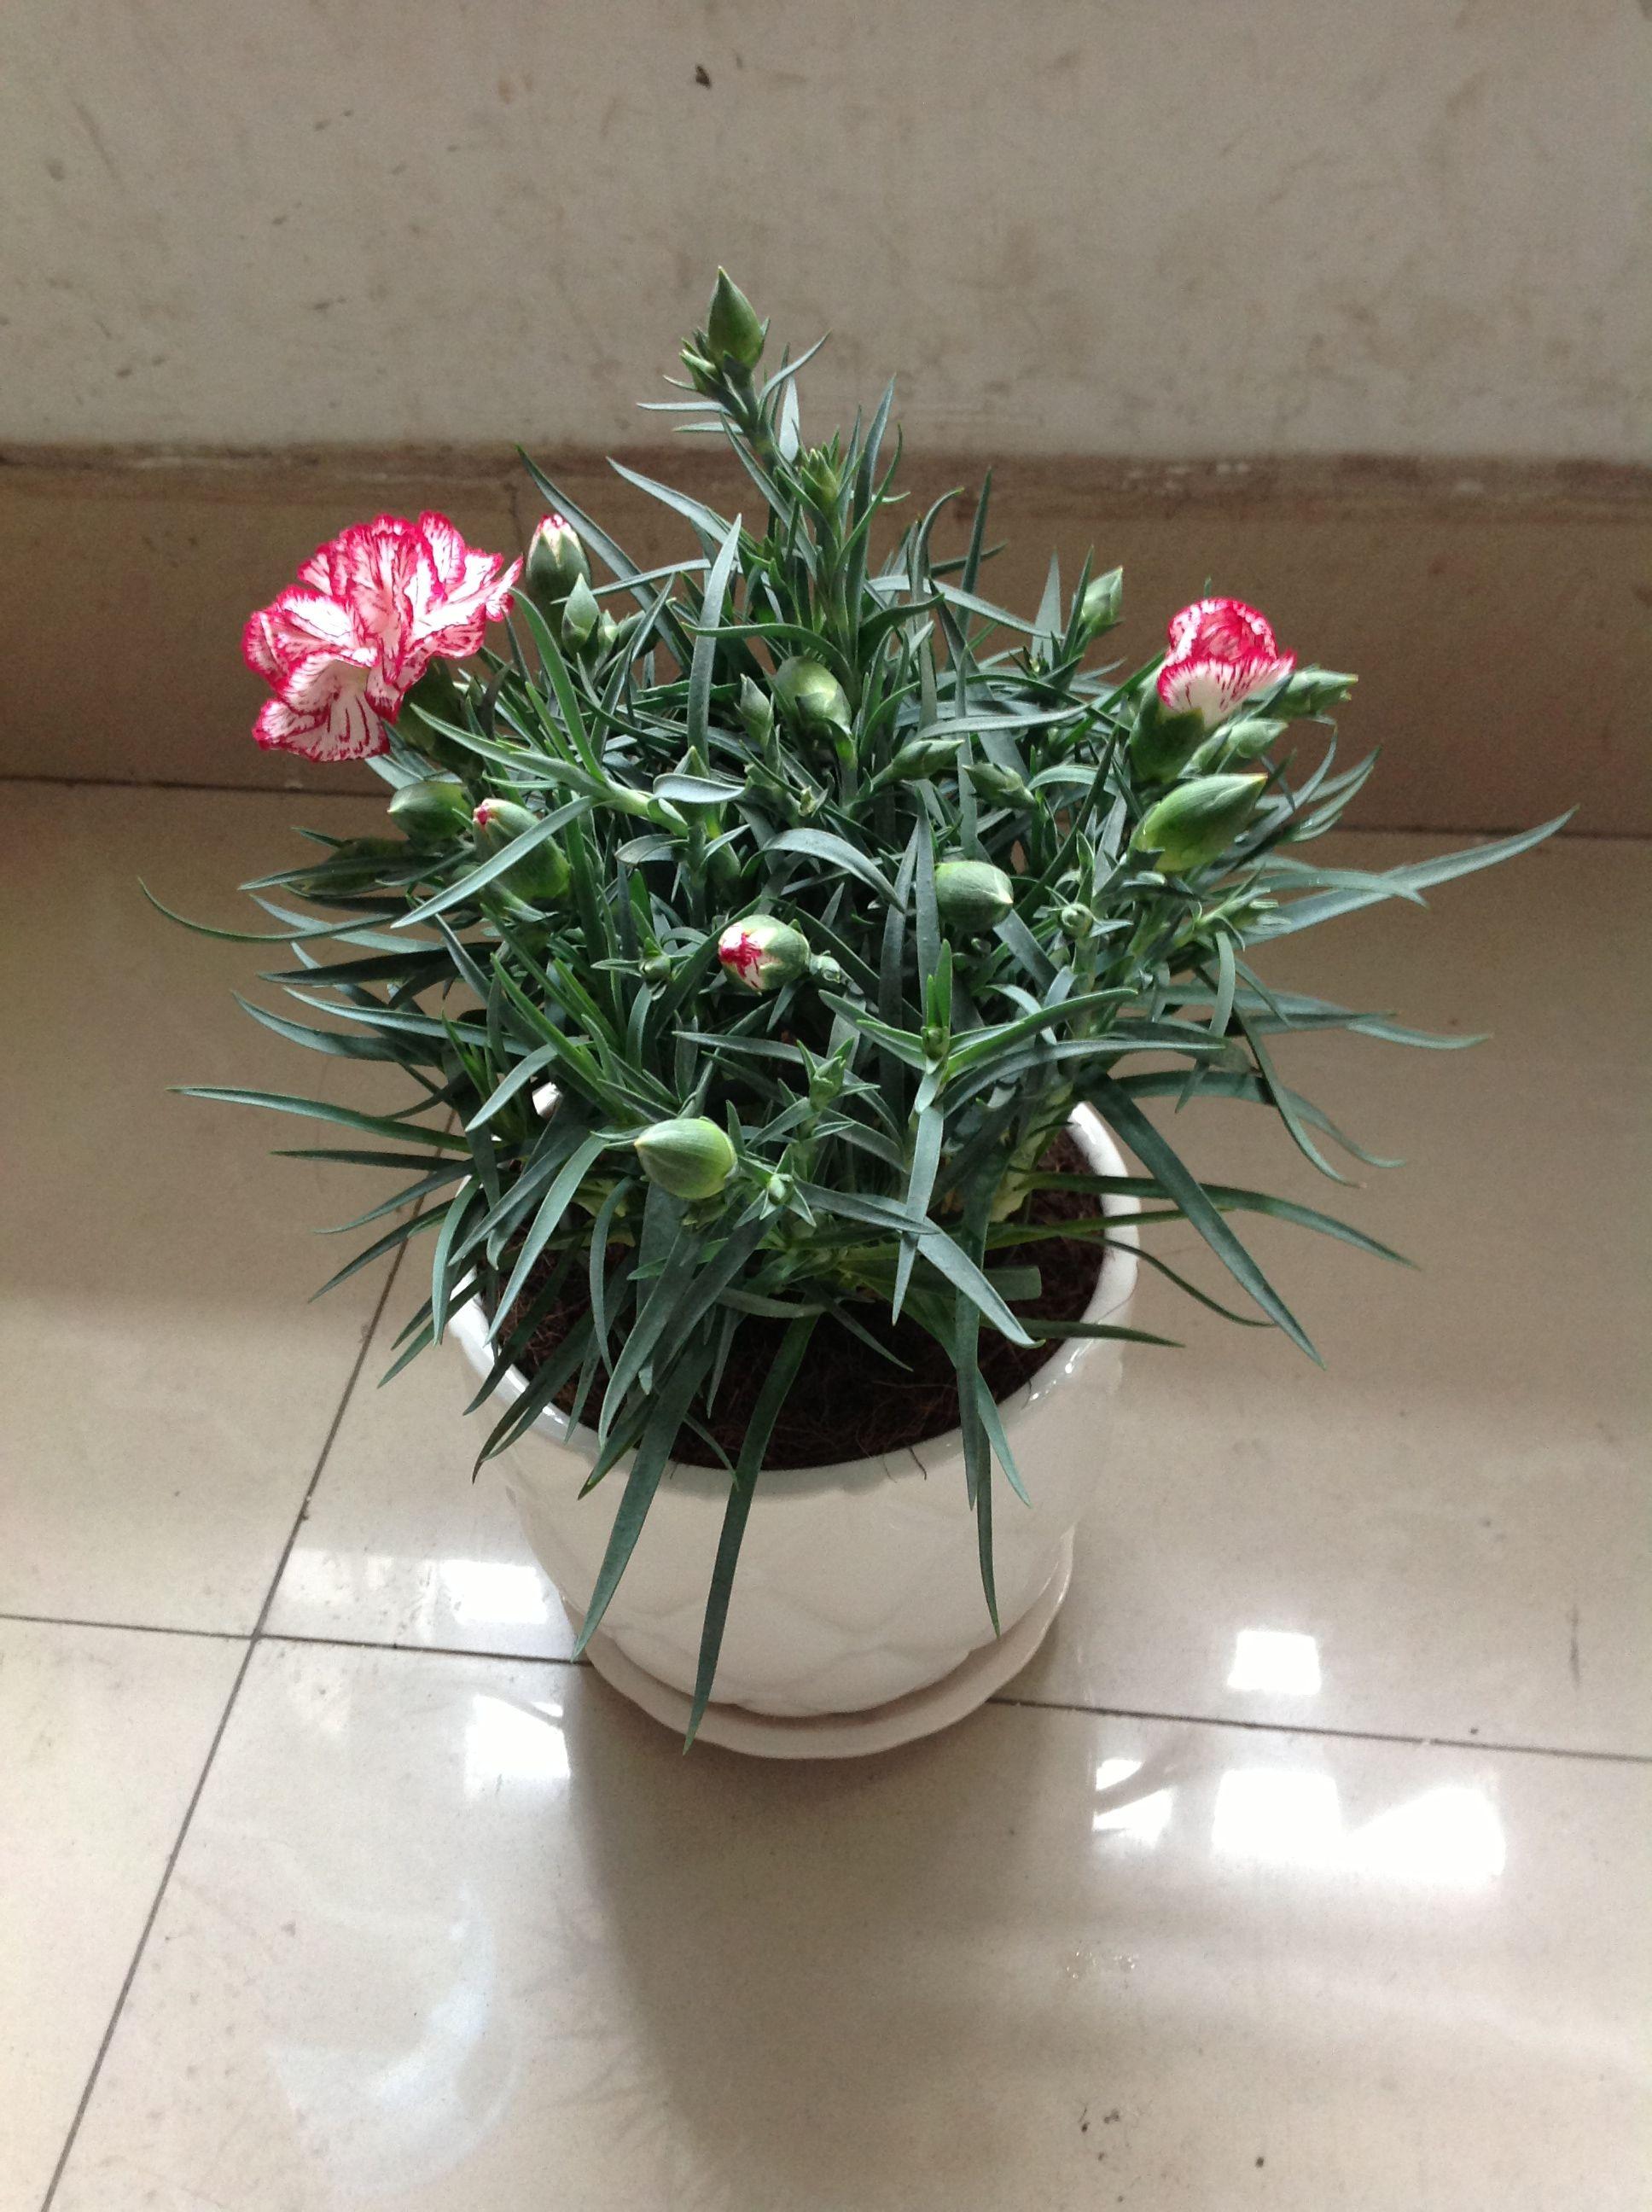 請問怎樣種植正在開花的盆栽康乃馨?_百度知道